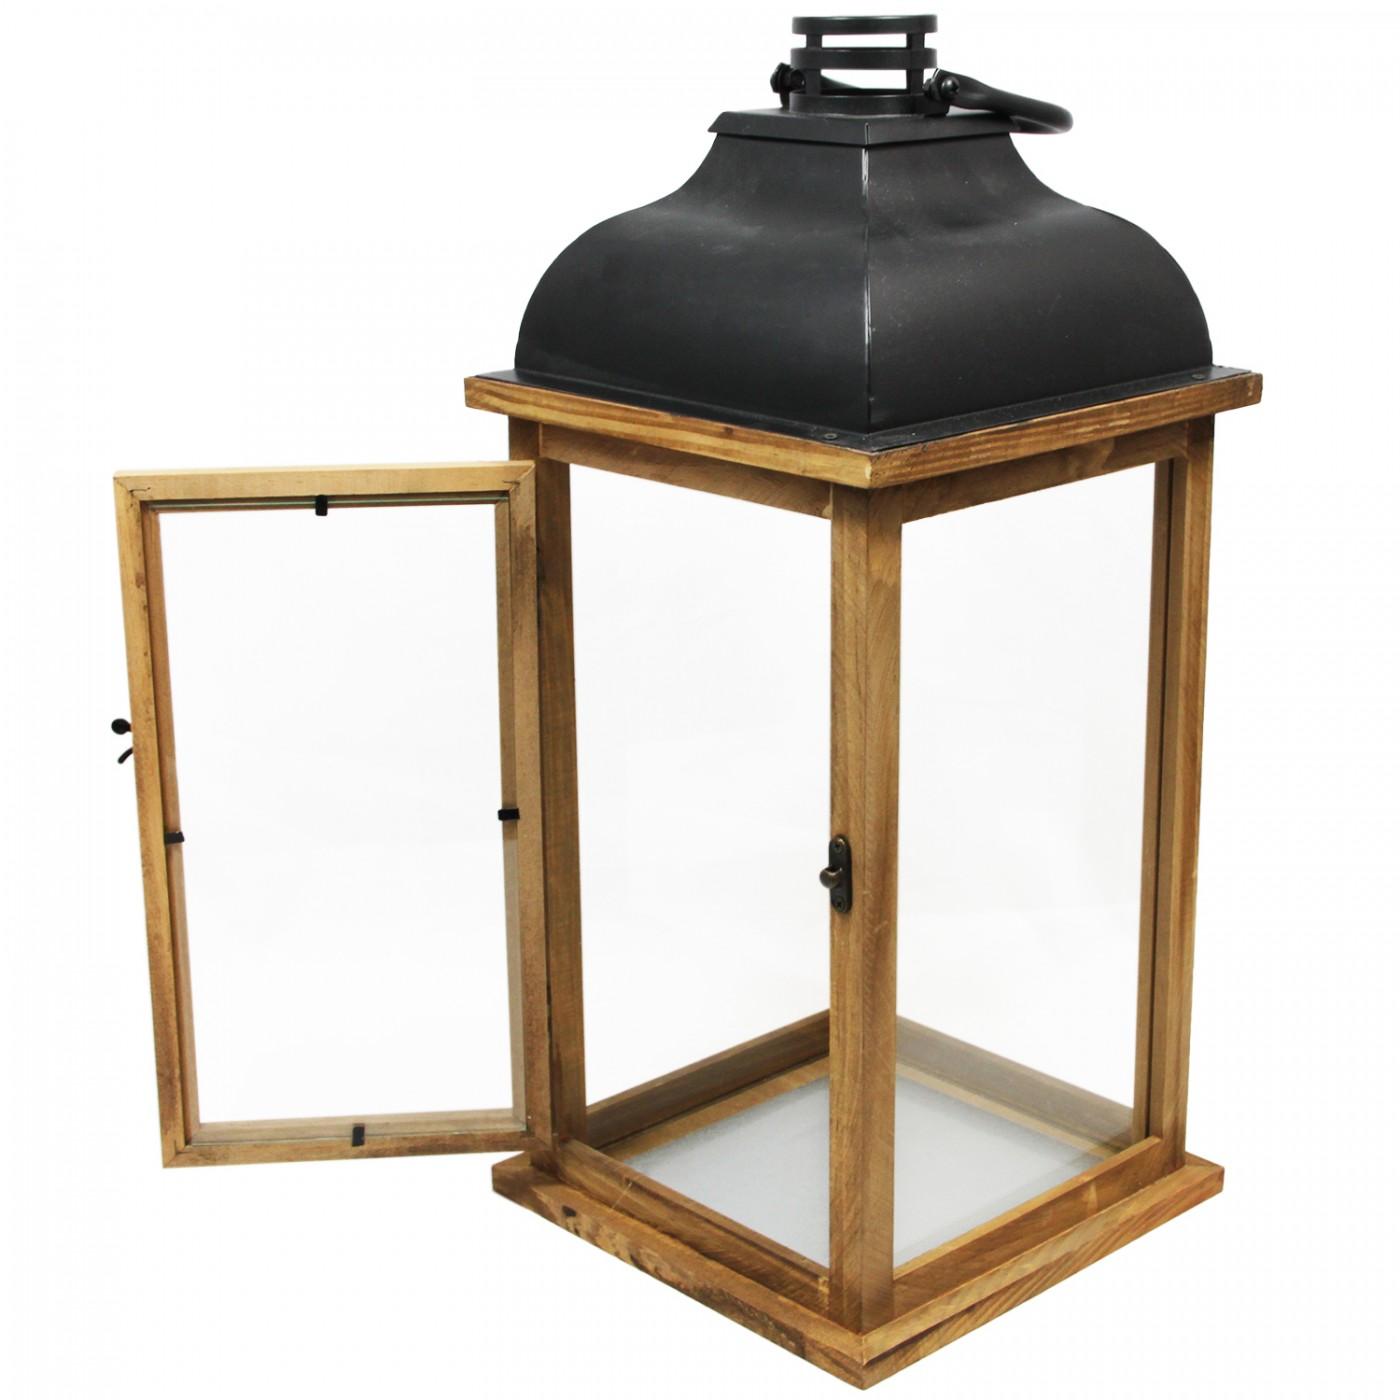 Lampion latarenka drewniana duża z uchwytem - boho - skandynawska